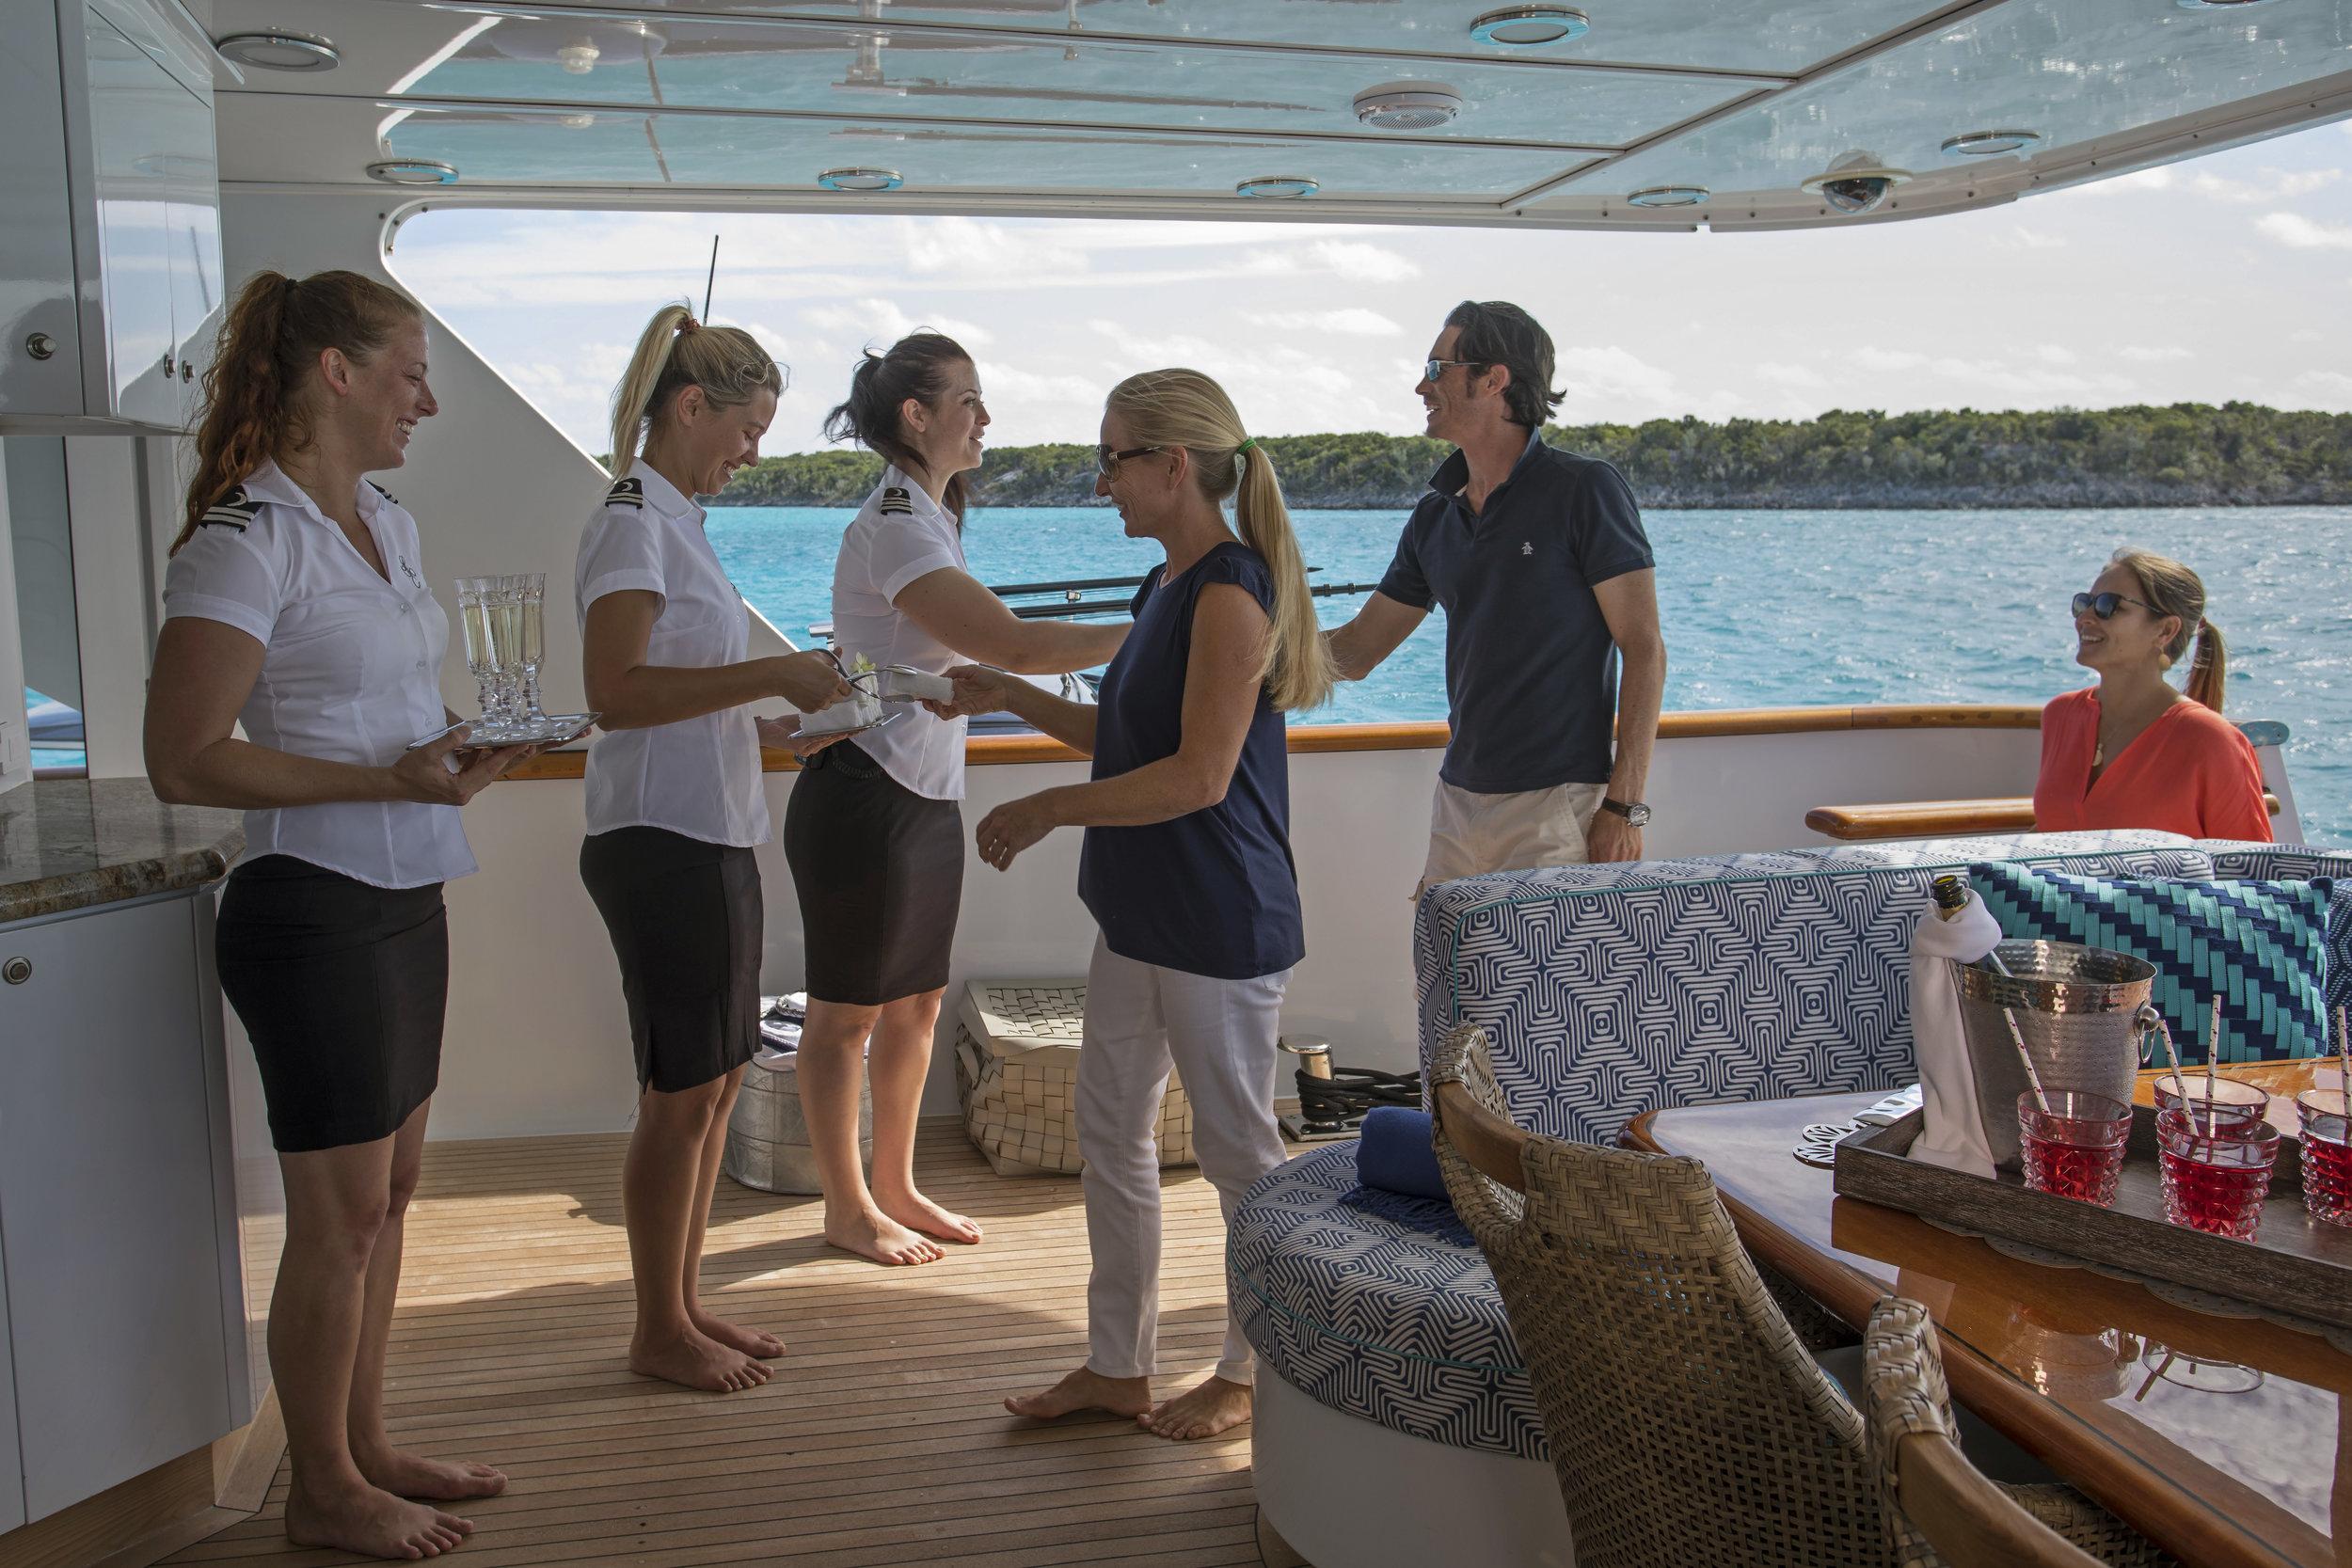 yacht-sweet-escape-crew-teak-welcome-luxury-golf-onboard